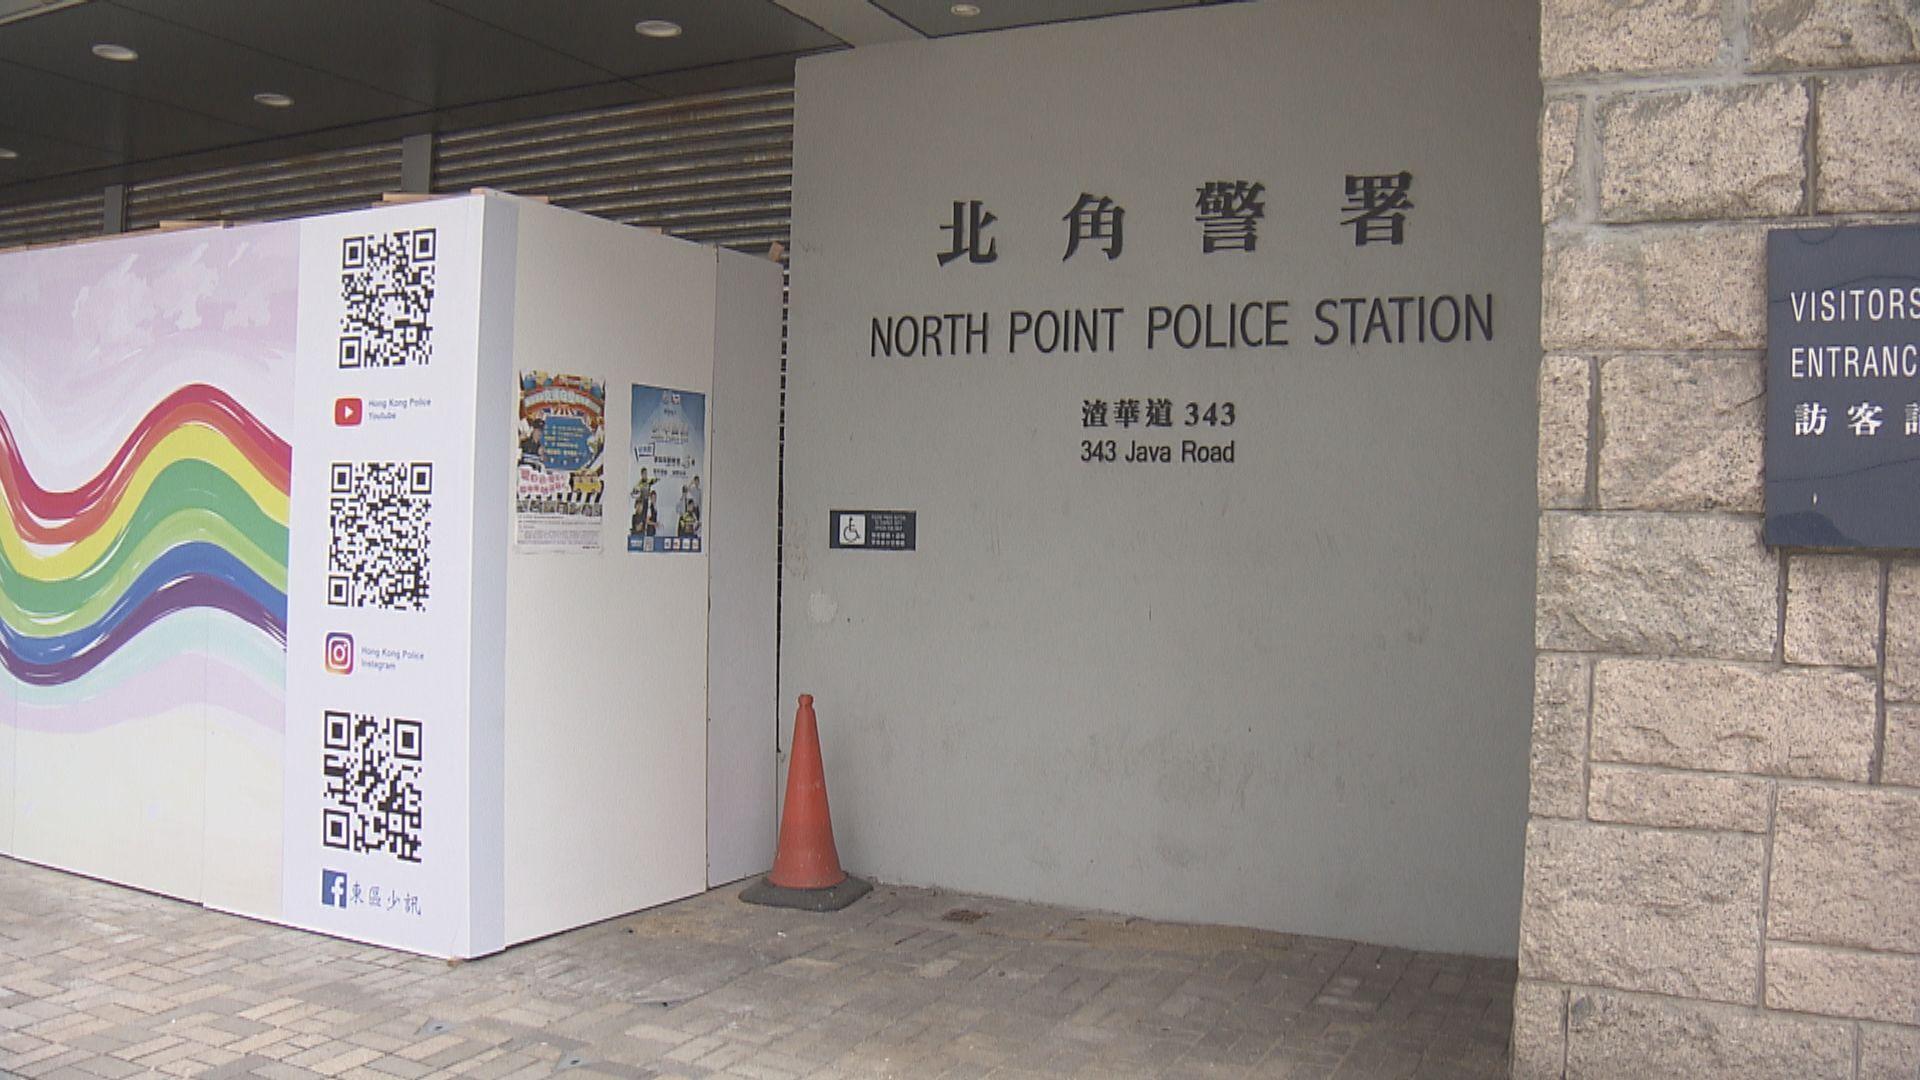 仇栩欣涉襲警罪被警方預約拘捕